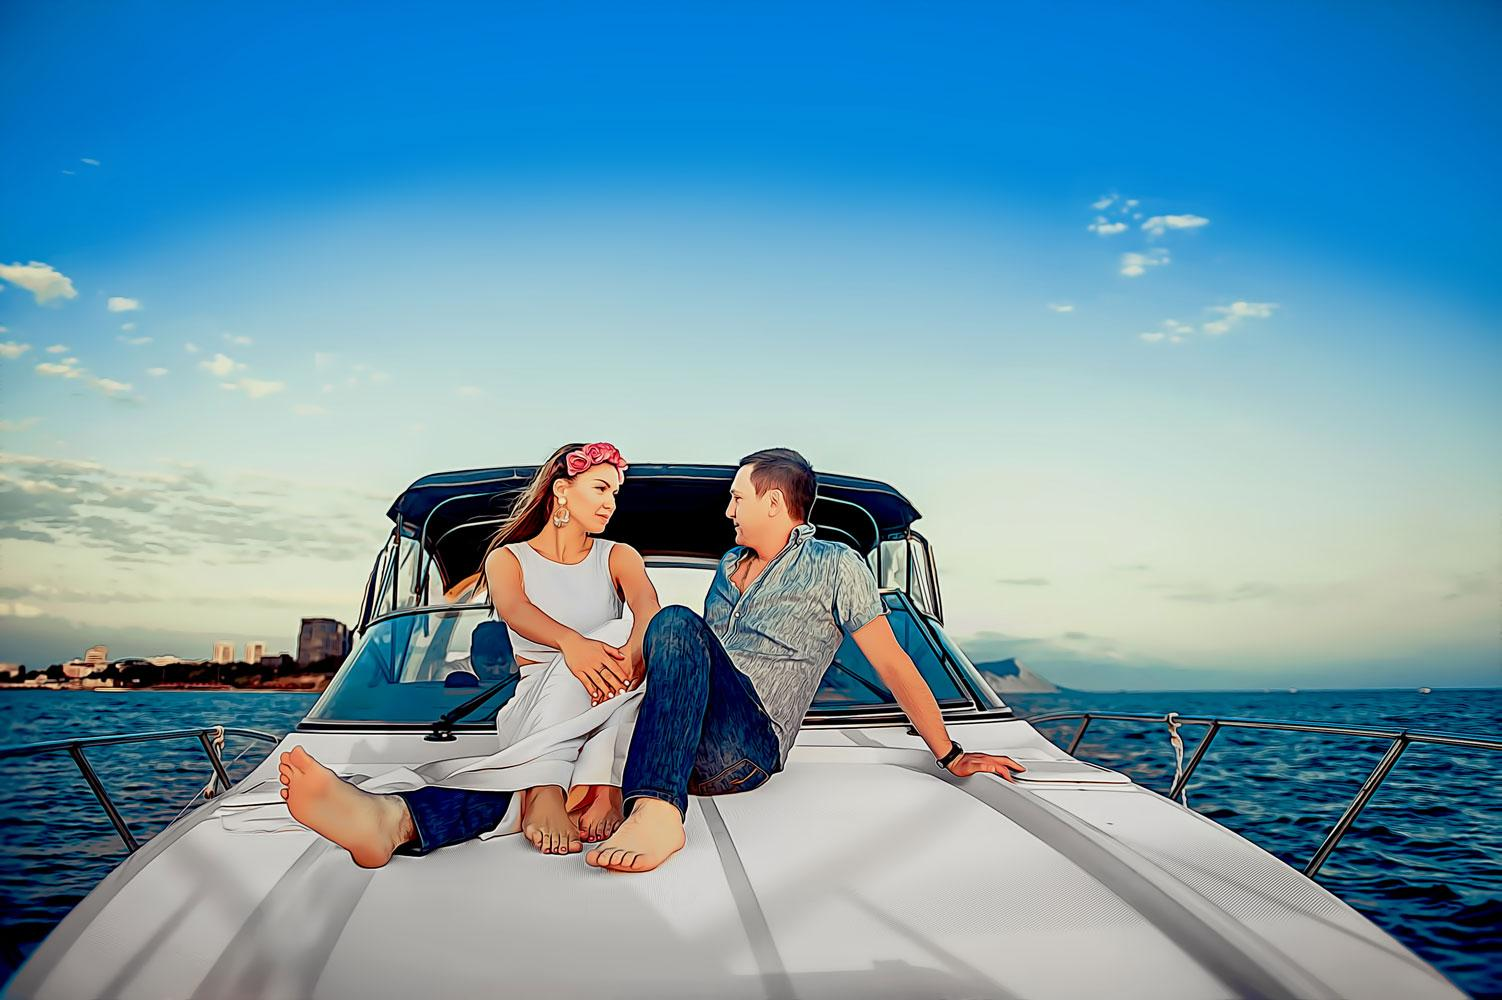 Фотографии молодоженов в медовый месяц в стиле ню, крупные пышные жопы сзади